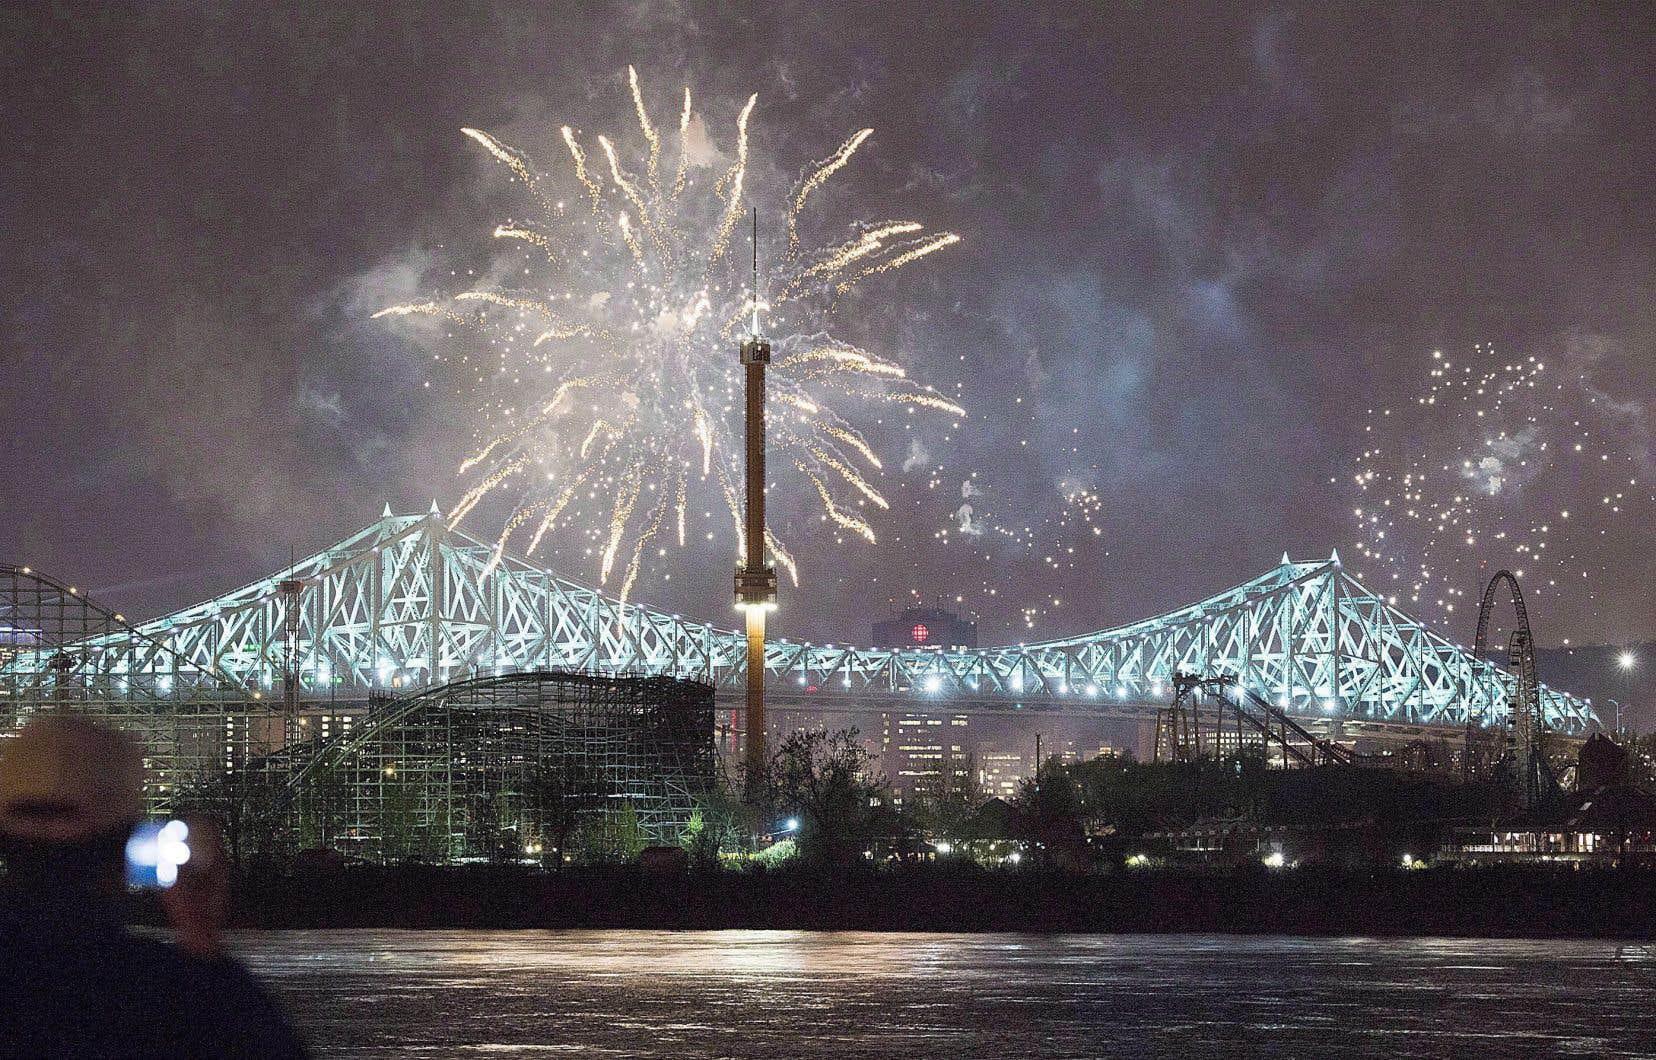 Le pont Jacques-Cartier illuminé lors des feux d'artifice du 17 mai, l'an dernier, à l'occasion des célébrations du 375e anniversaire de Montréal.